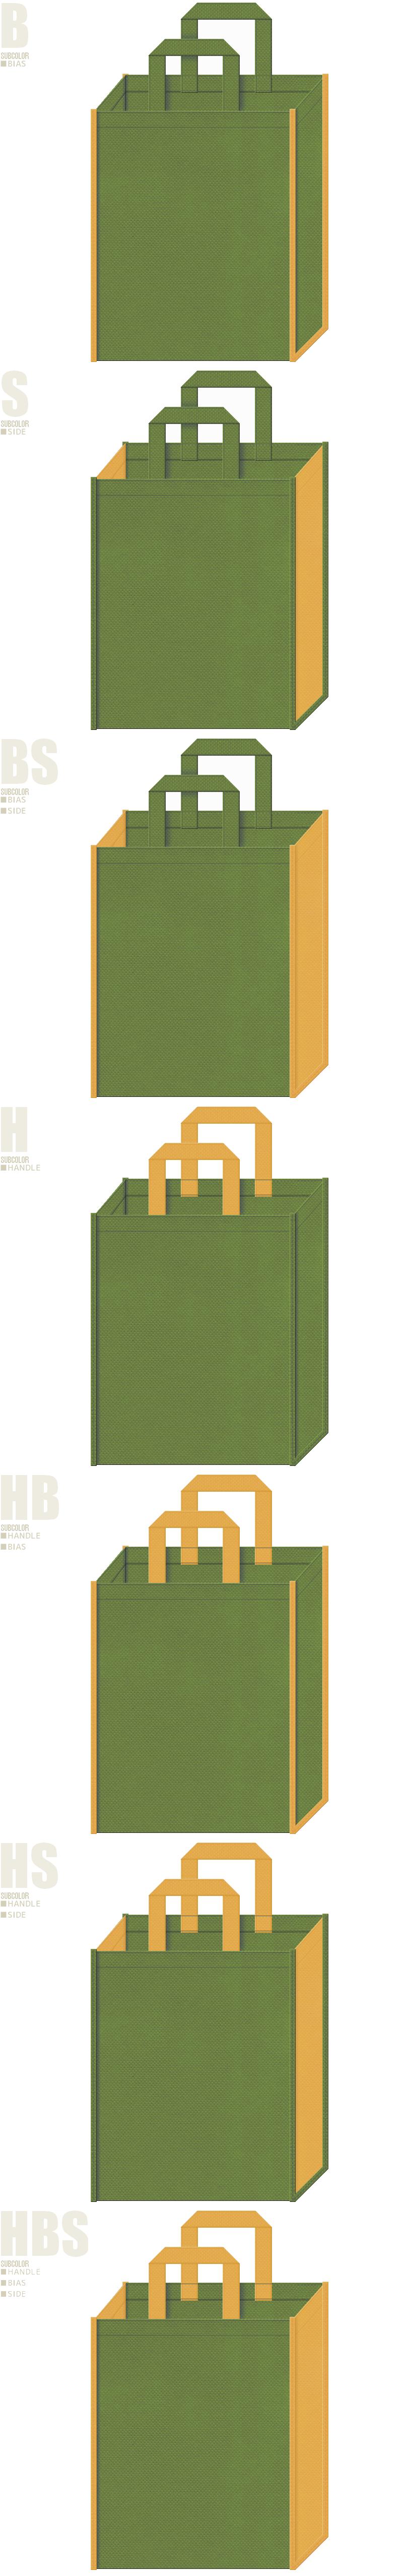 草色と黄土色、7パターンの不織布トートバッグ配色デザイン例。演芸場・書展・民話書籍のバッグノベルティにお奨めです。